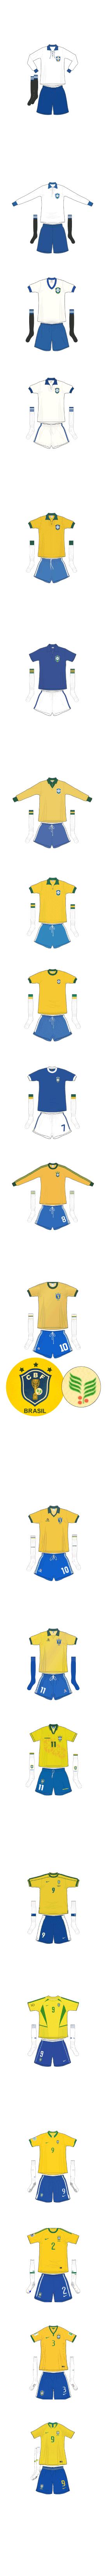 Evolução da camisa brasileira 069e5ed65b83f